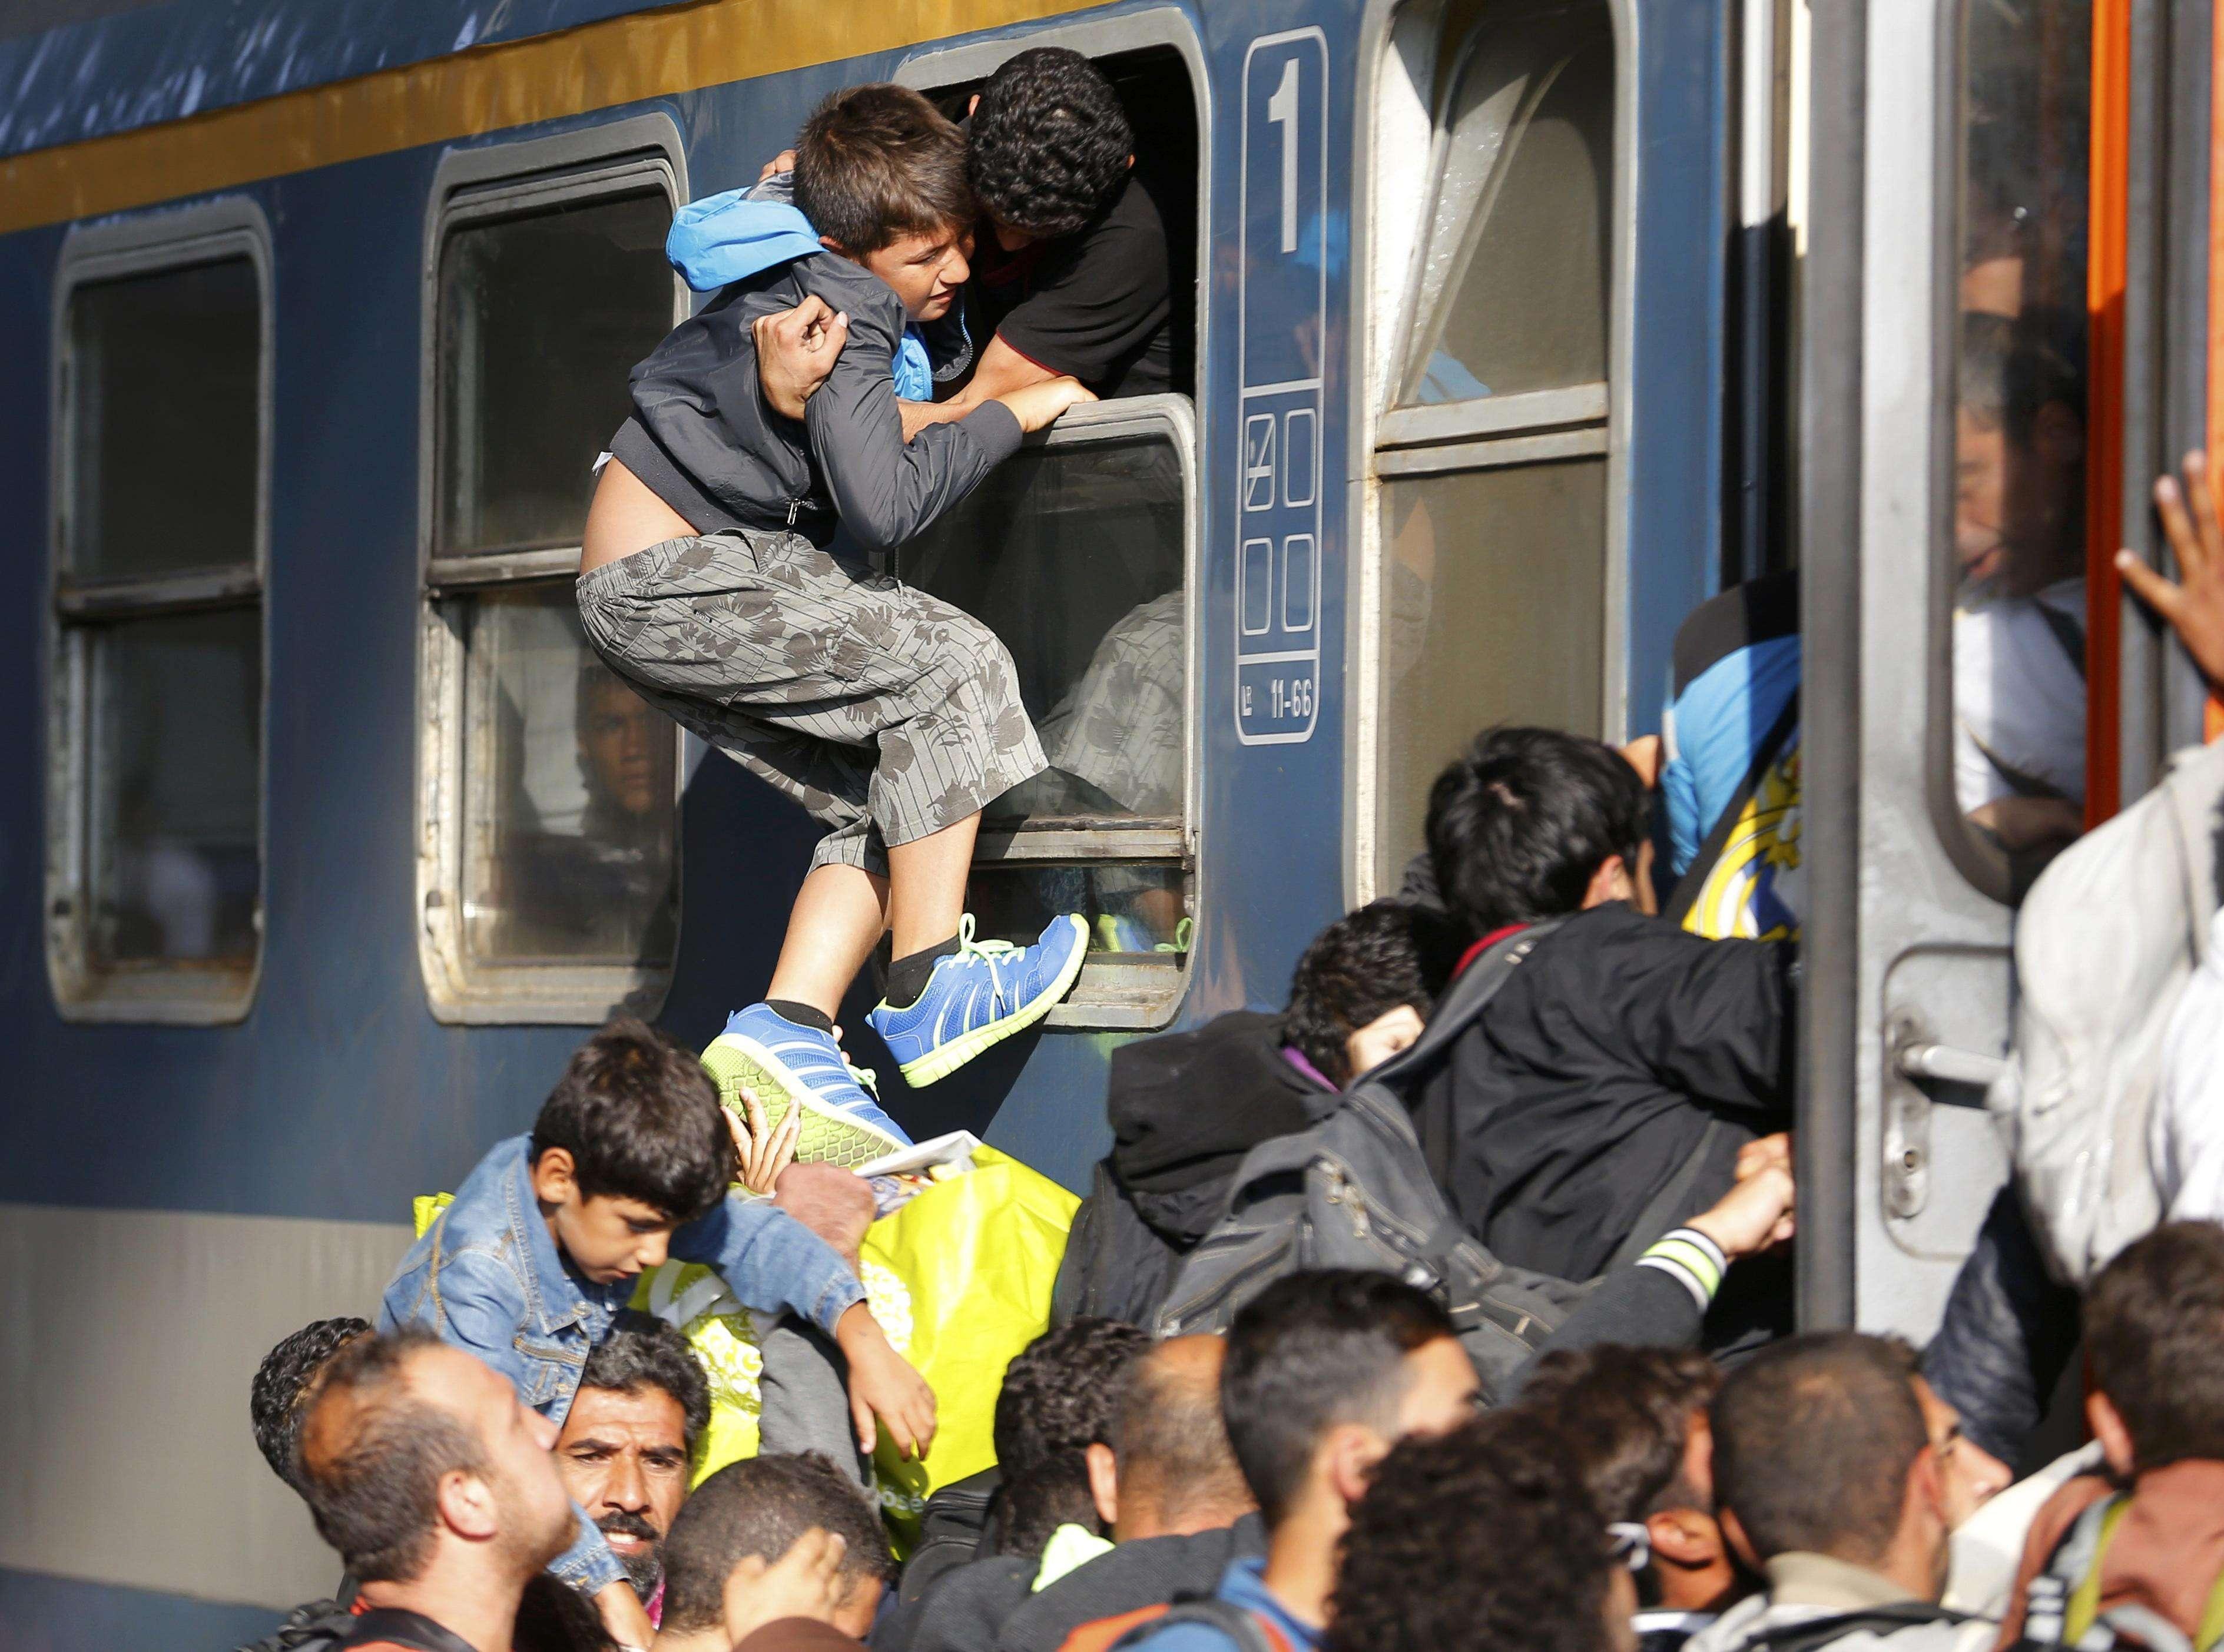 Adolescent imigrant, tras în tren pe geamul vagonului (Foto: Reuters/Laszlo Balogh)